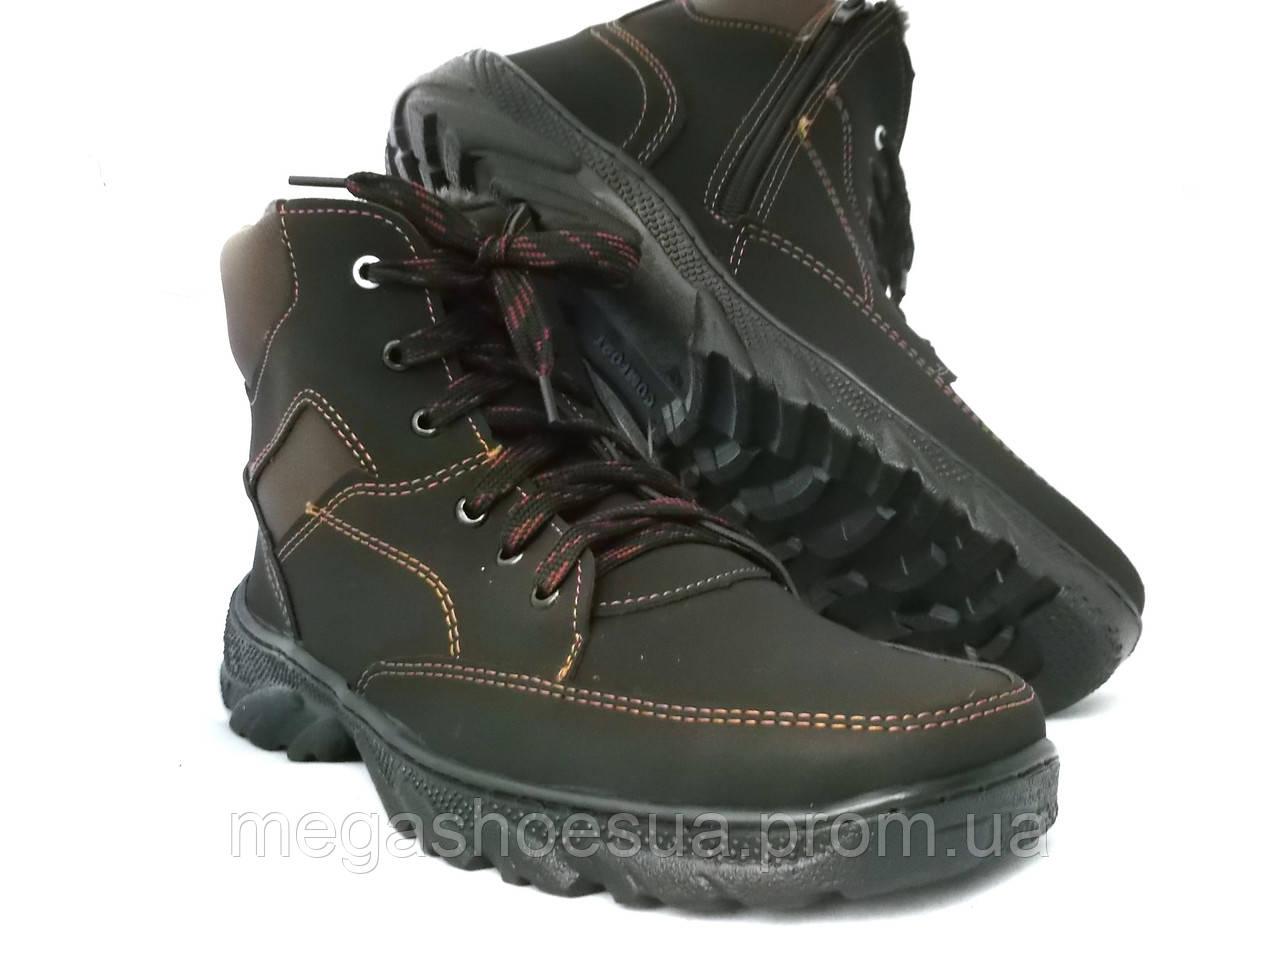 06a783276ba3 Купить Мужские ботинки качество стиль украинского производства в ...